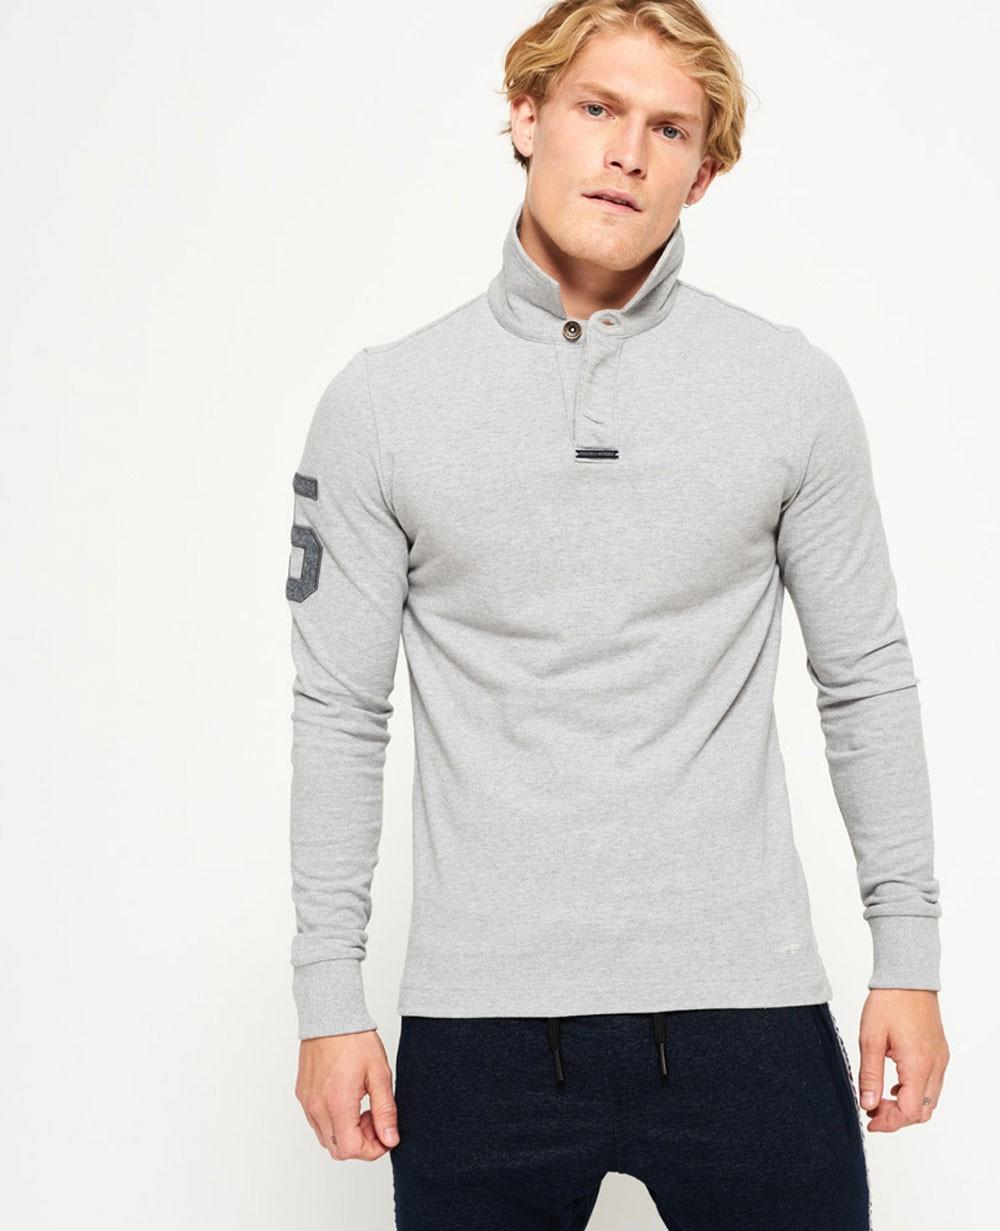 Long Sleeve Men Polo Shirts